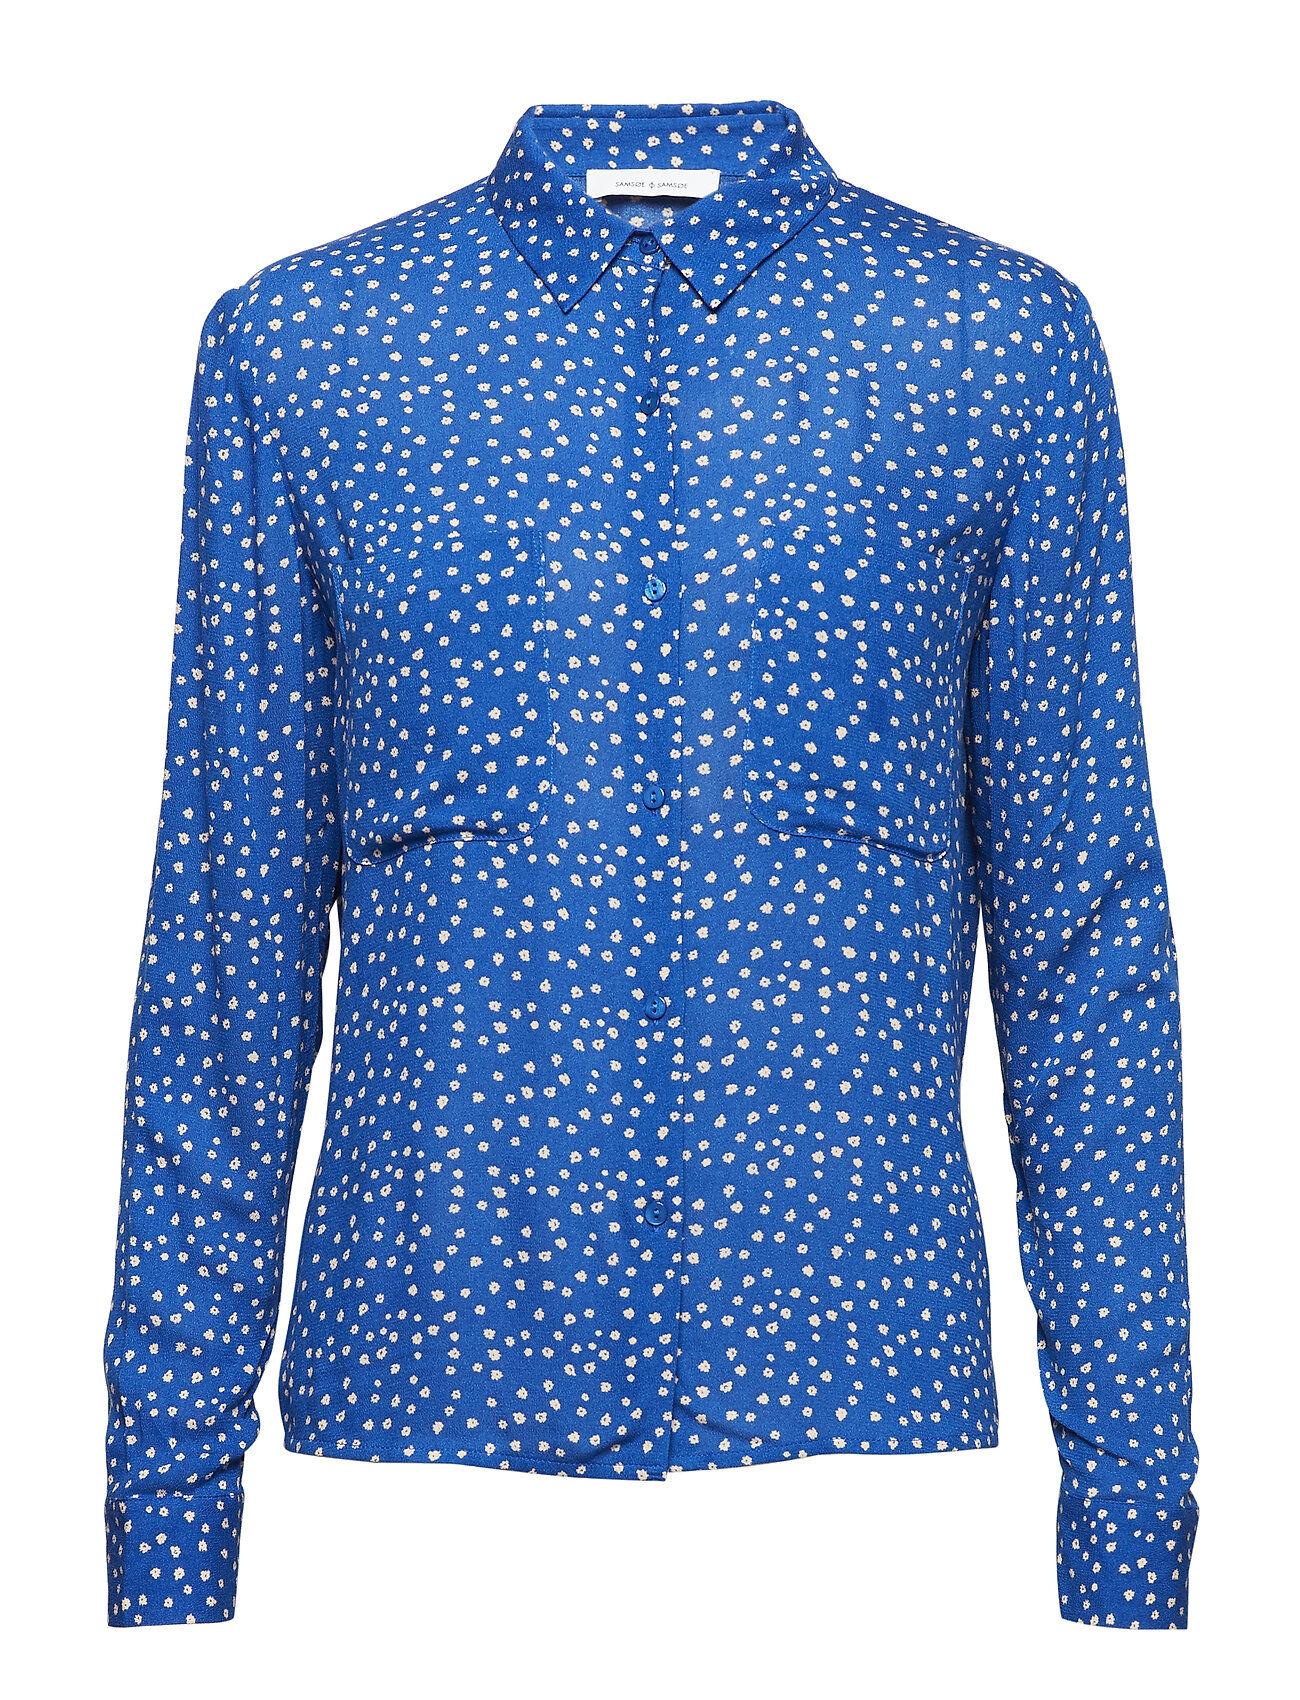 Samsøe & Samsøe Milly Shirt Aop 7201